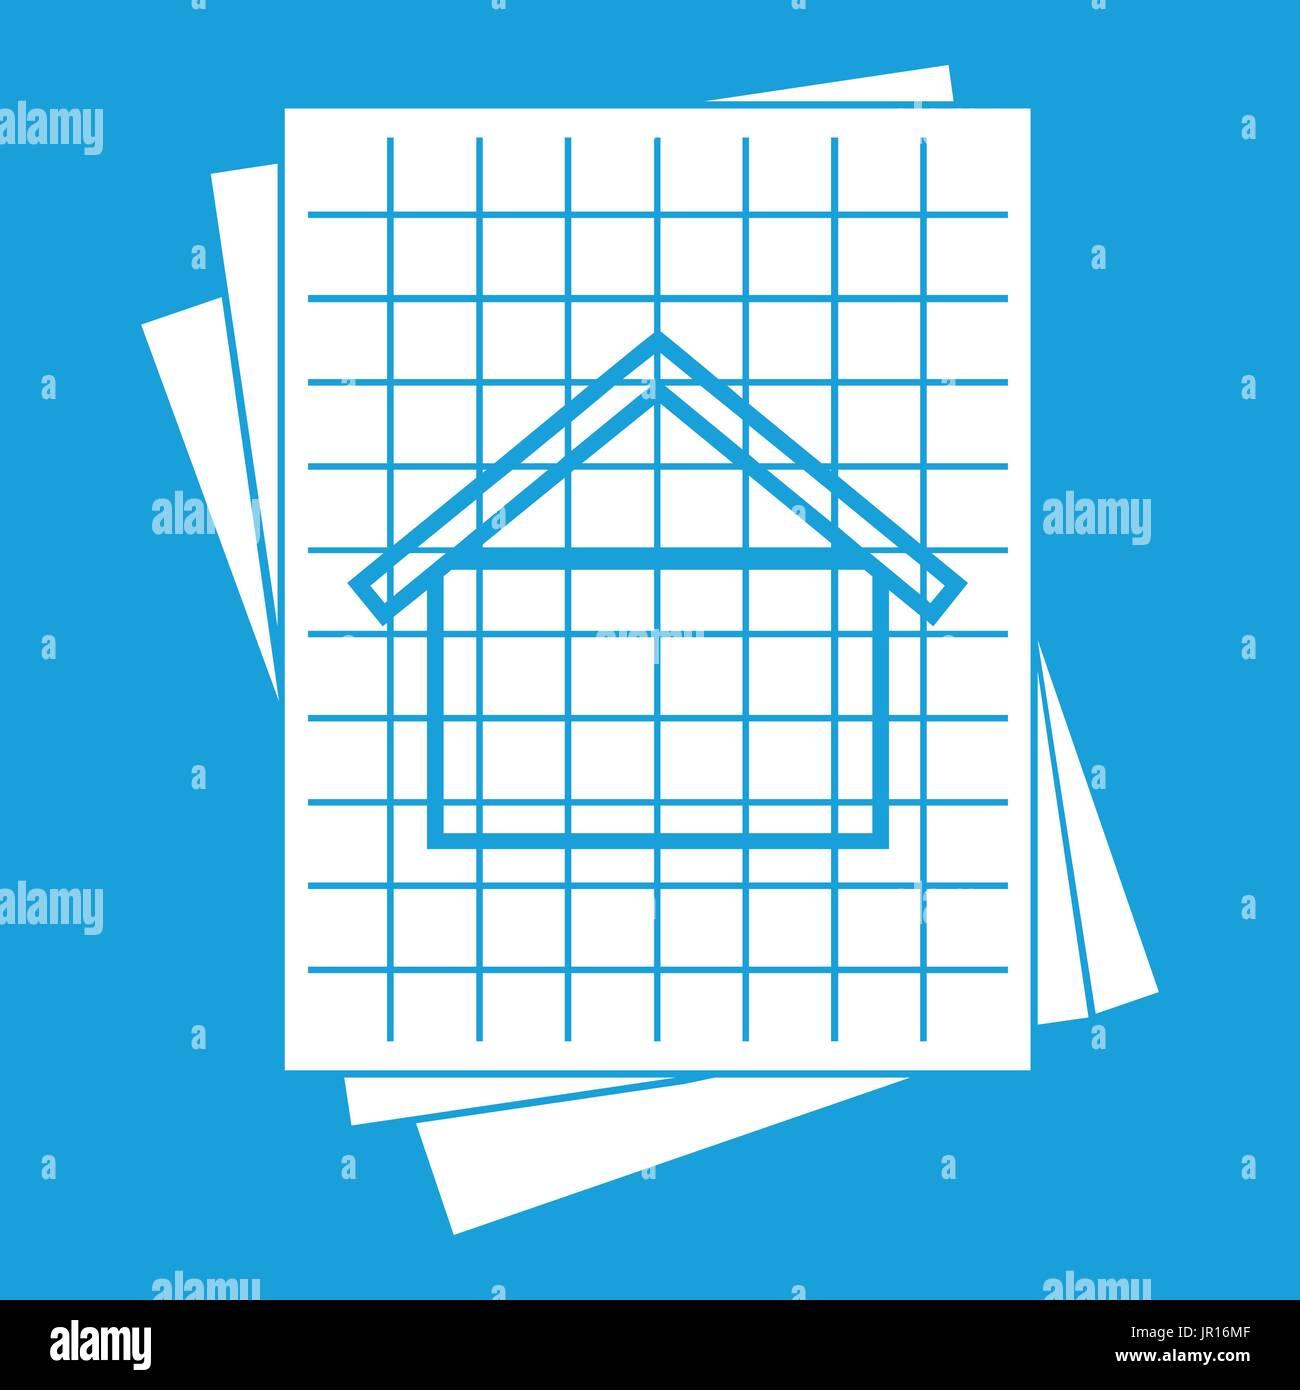 Groß Einfacher Schaltplan Für Haus Ideen - Elektrische Schaltplan ...